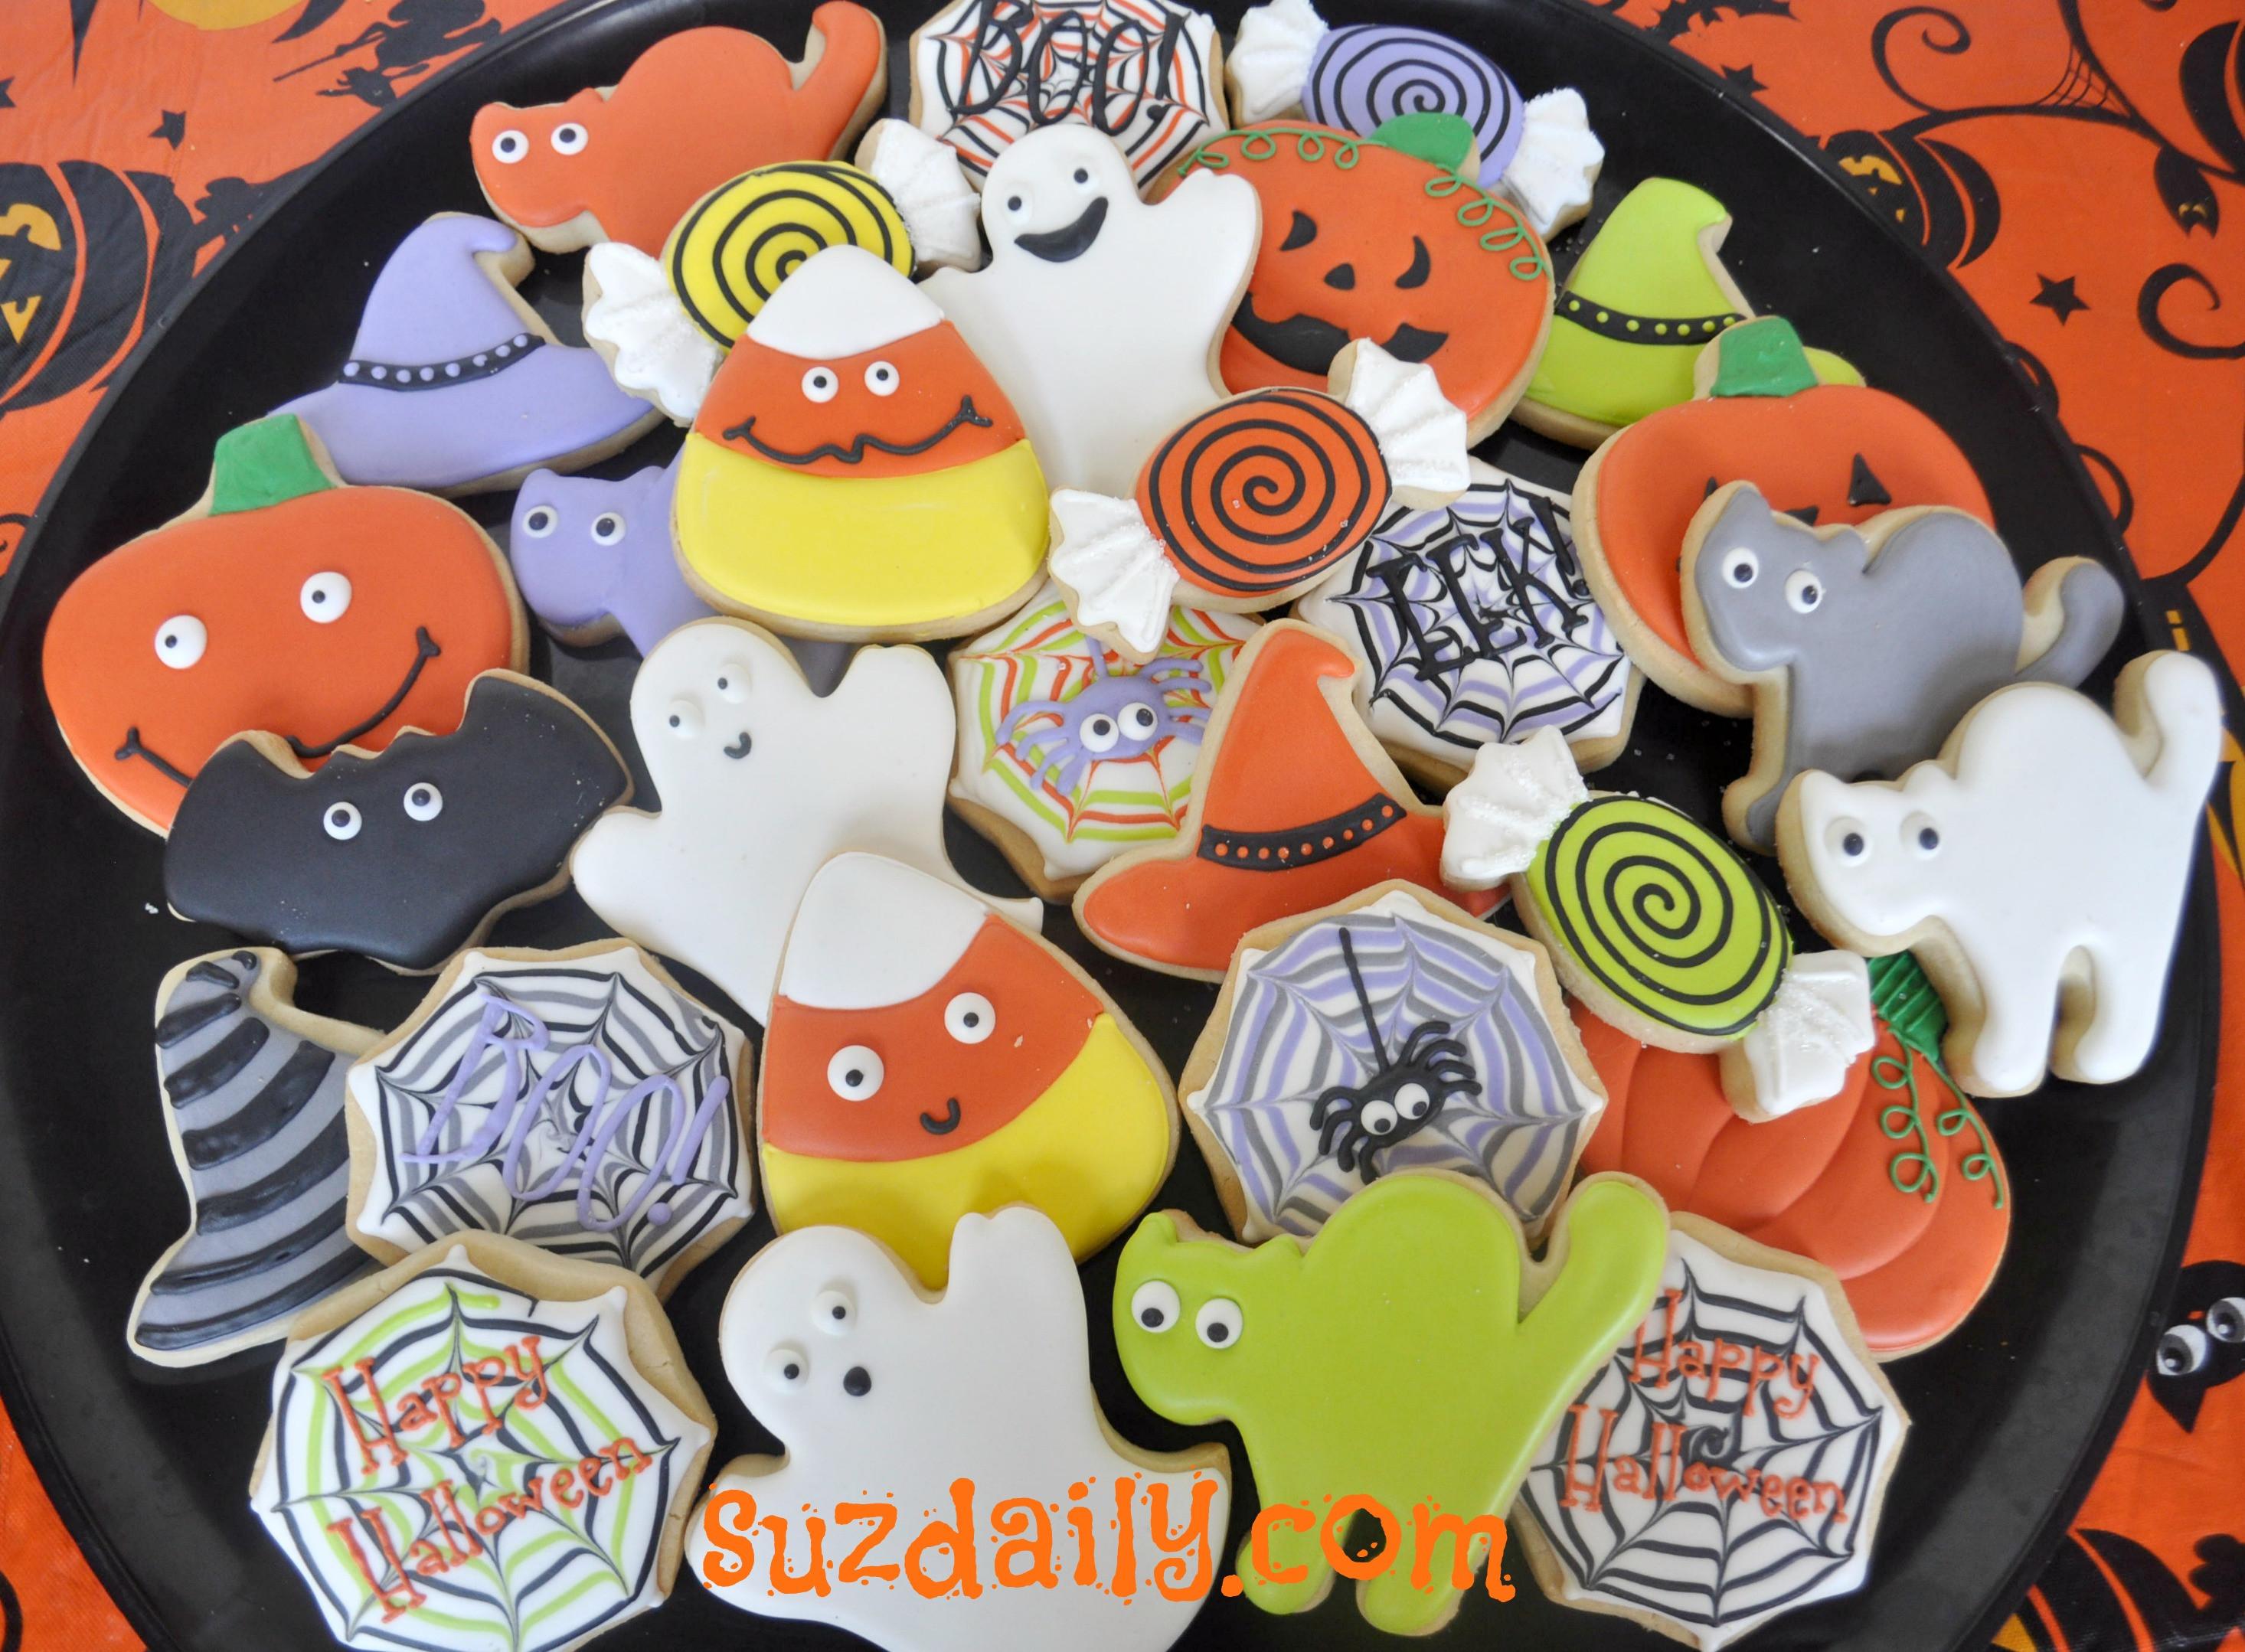 Halloween Cookies Decorating  Halloween – Suz Daily